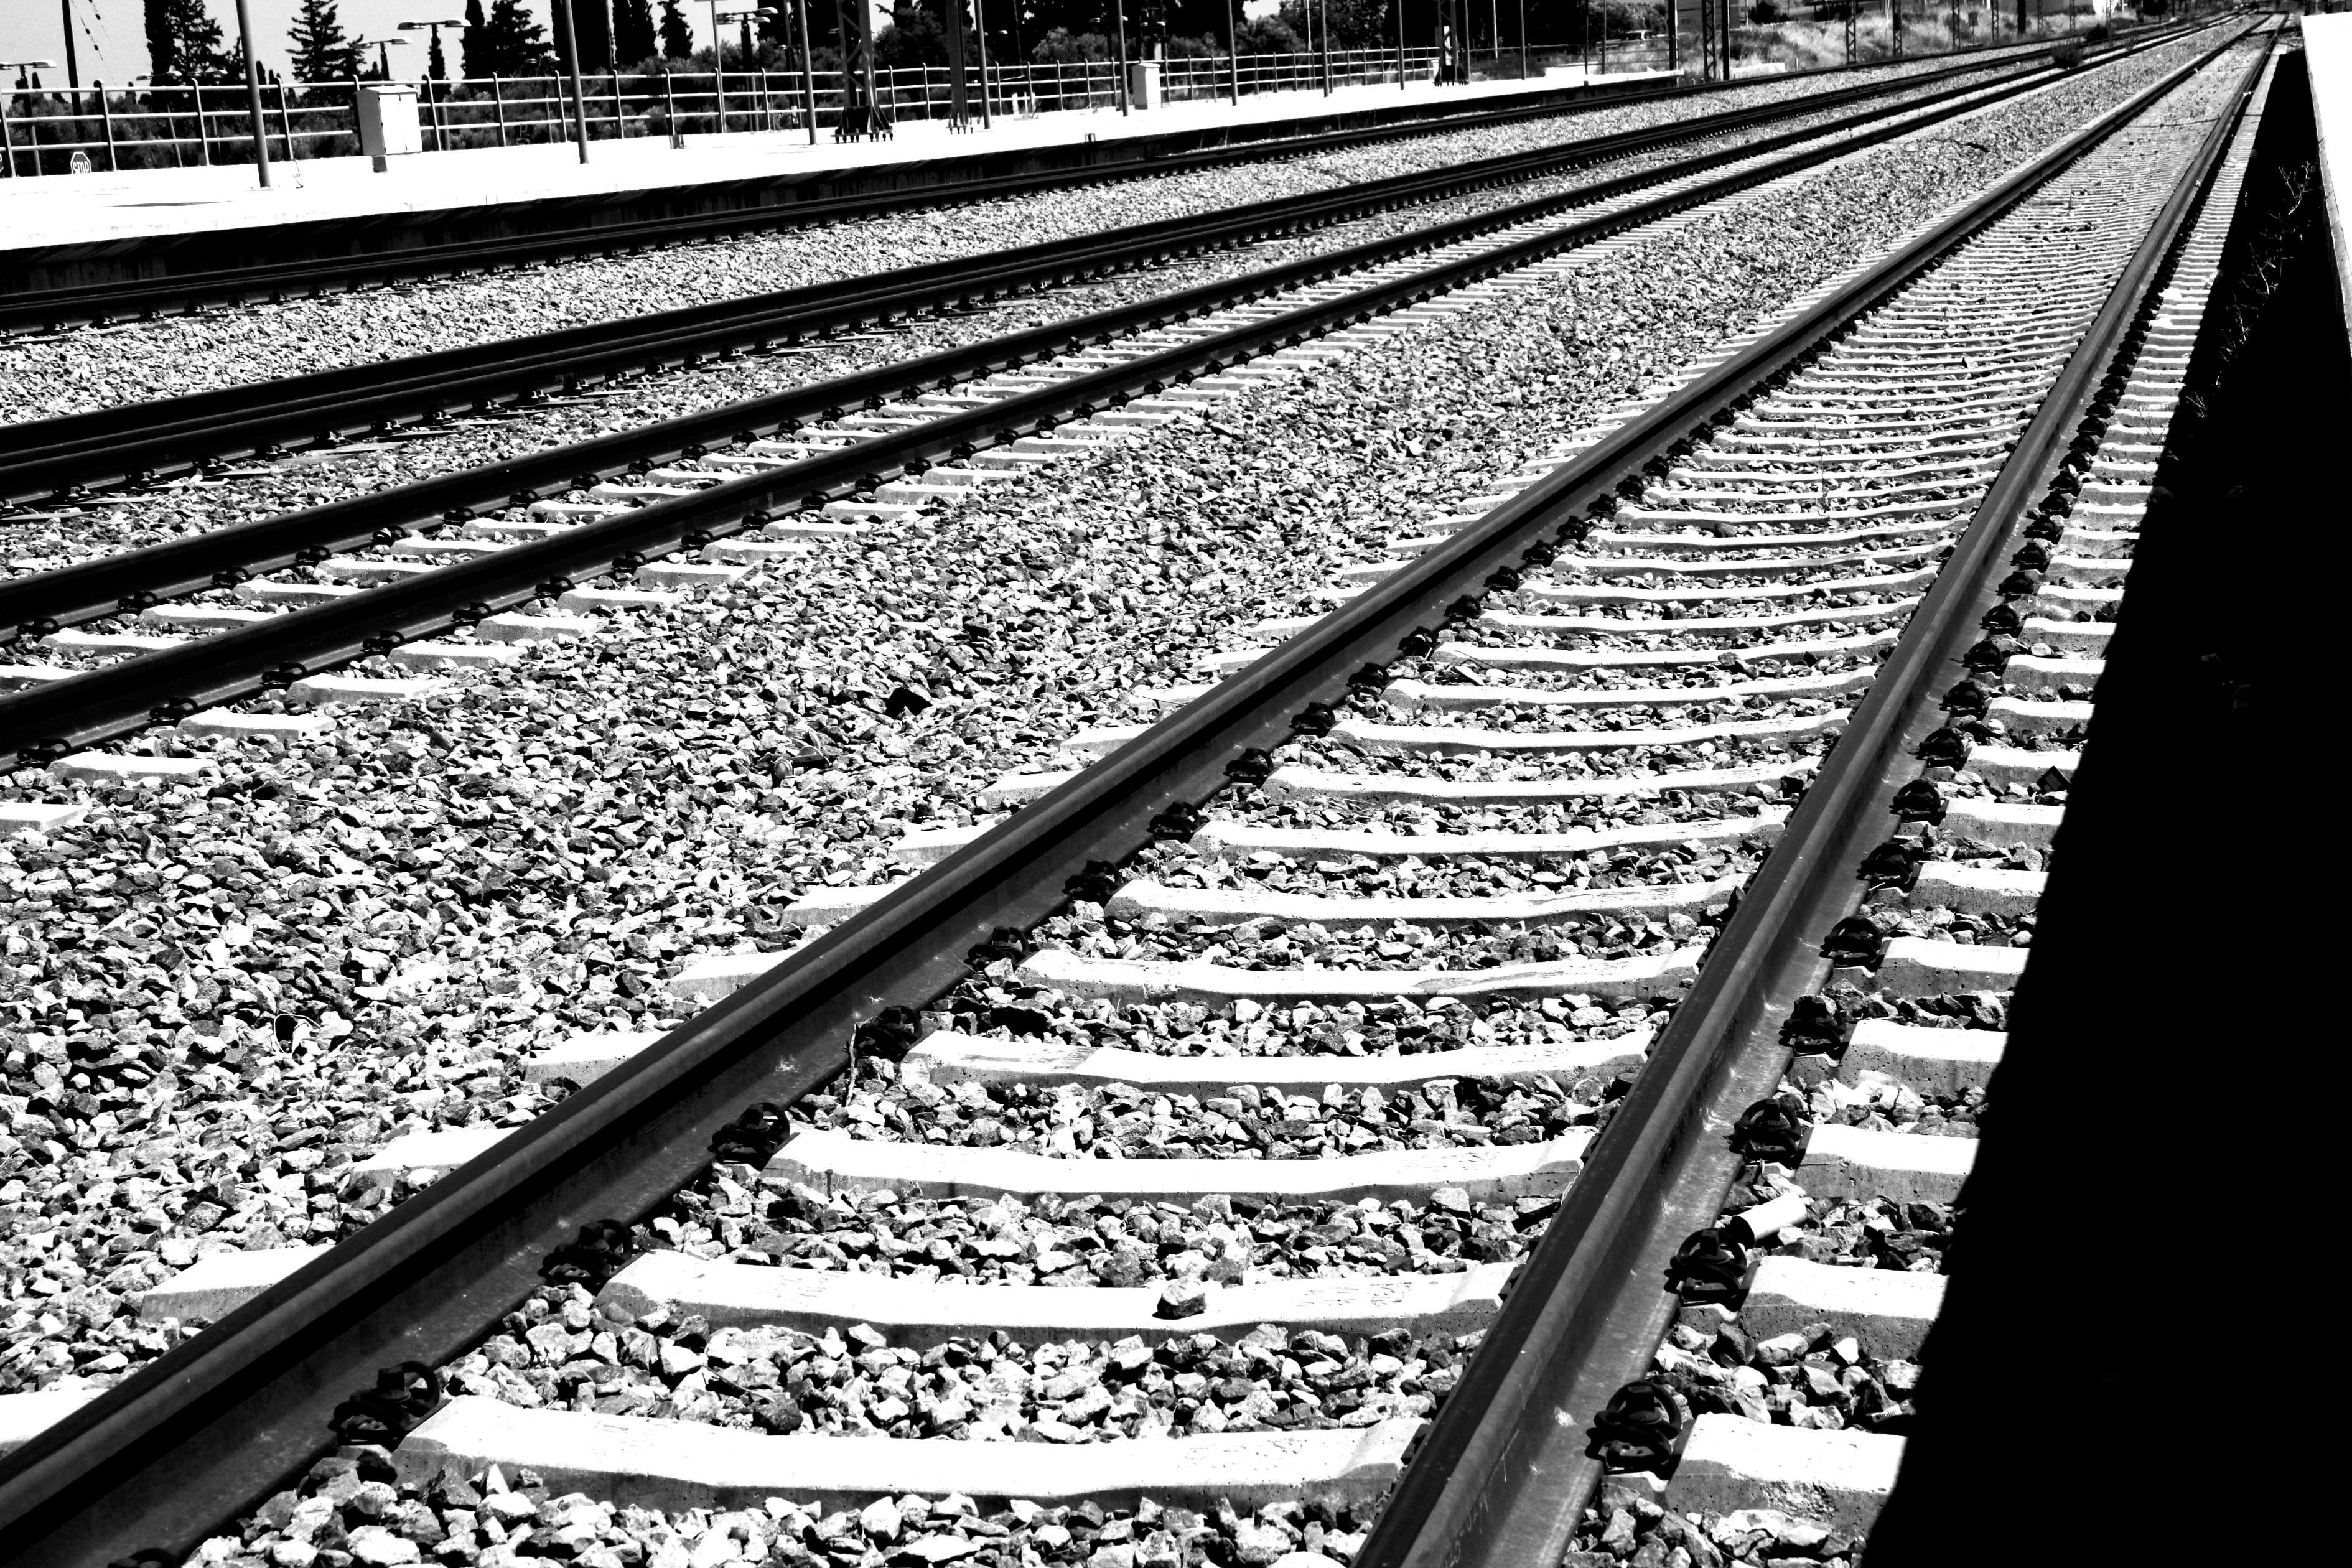 Επεκτείνεται το σιδηροδρομικό δίκτυο: Πότε και πού θα πραγματοποιηθούν τα έργα